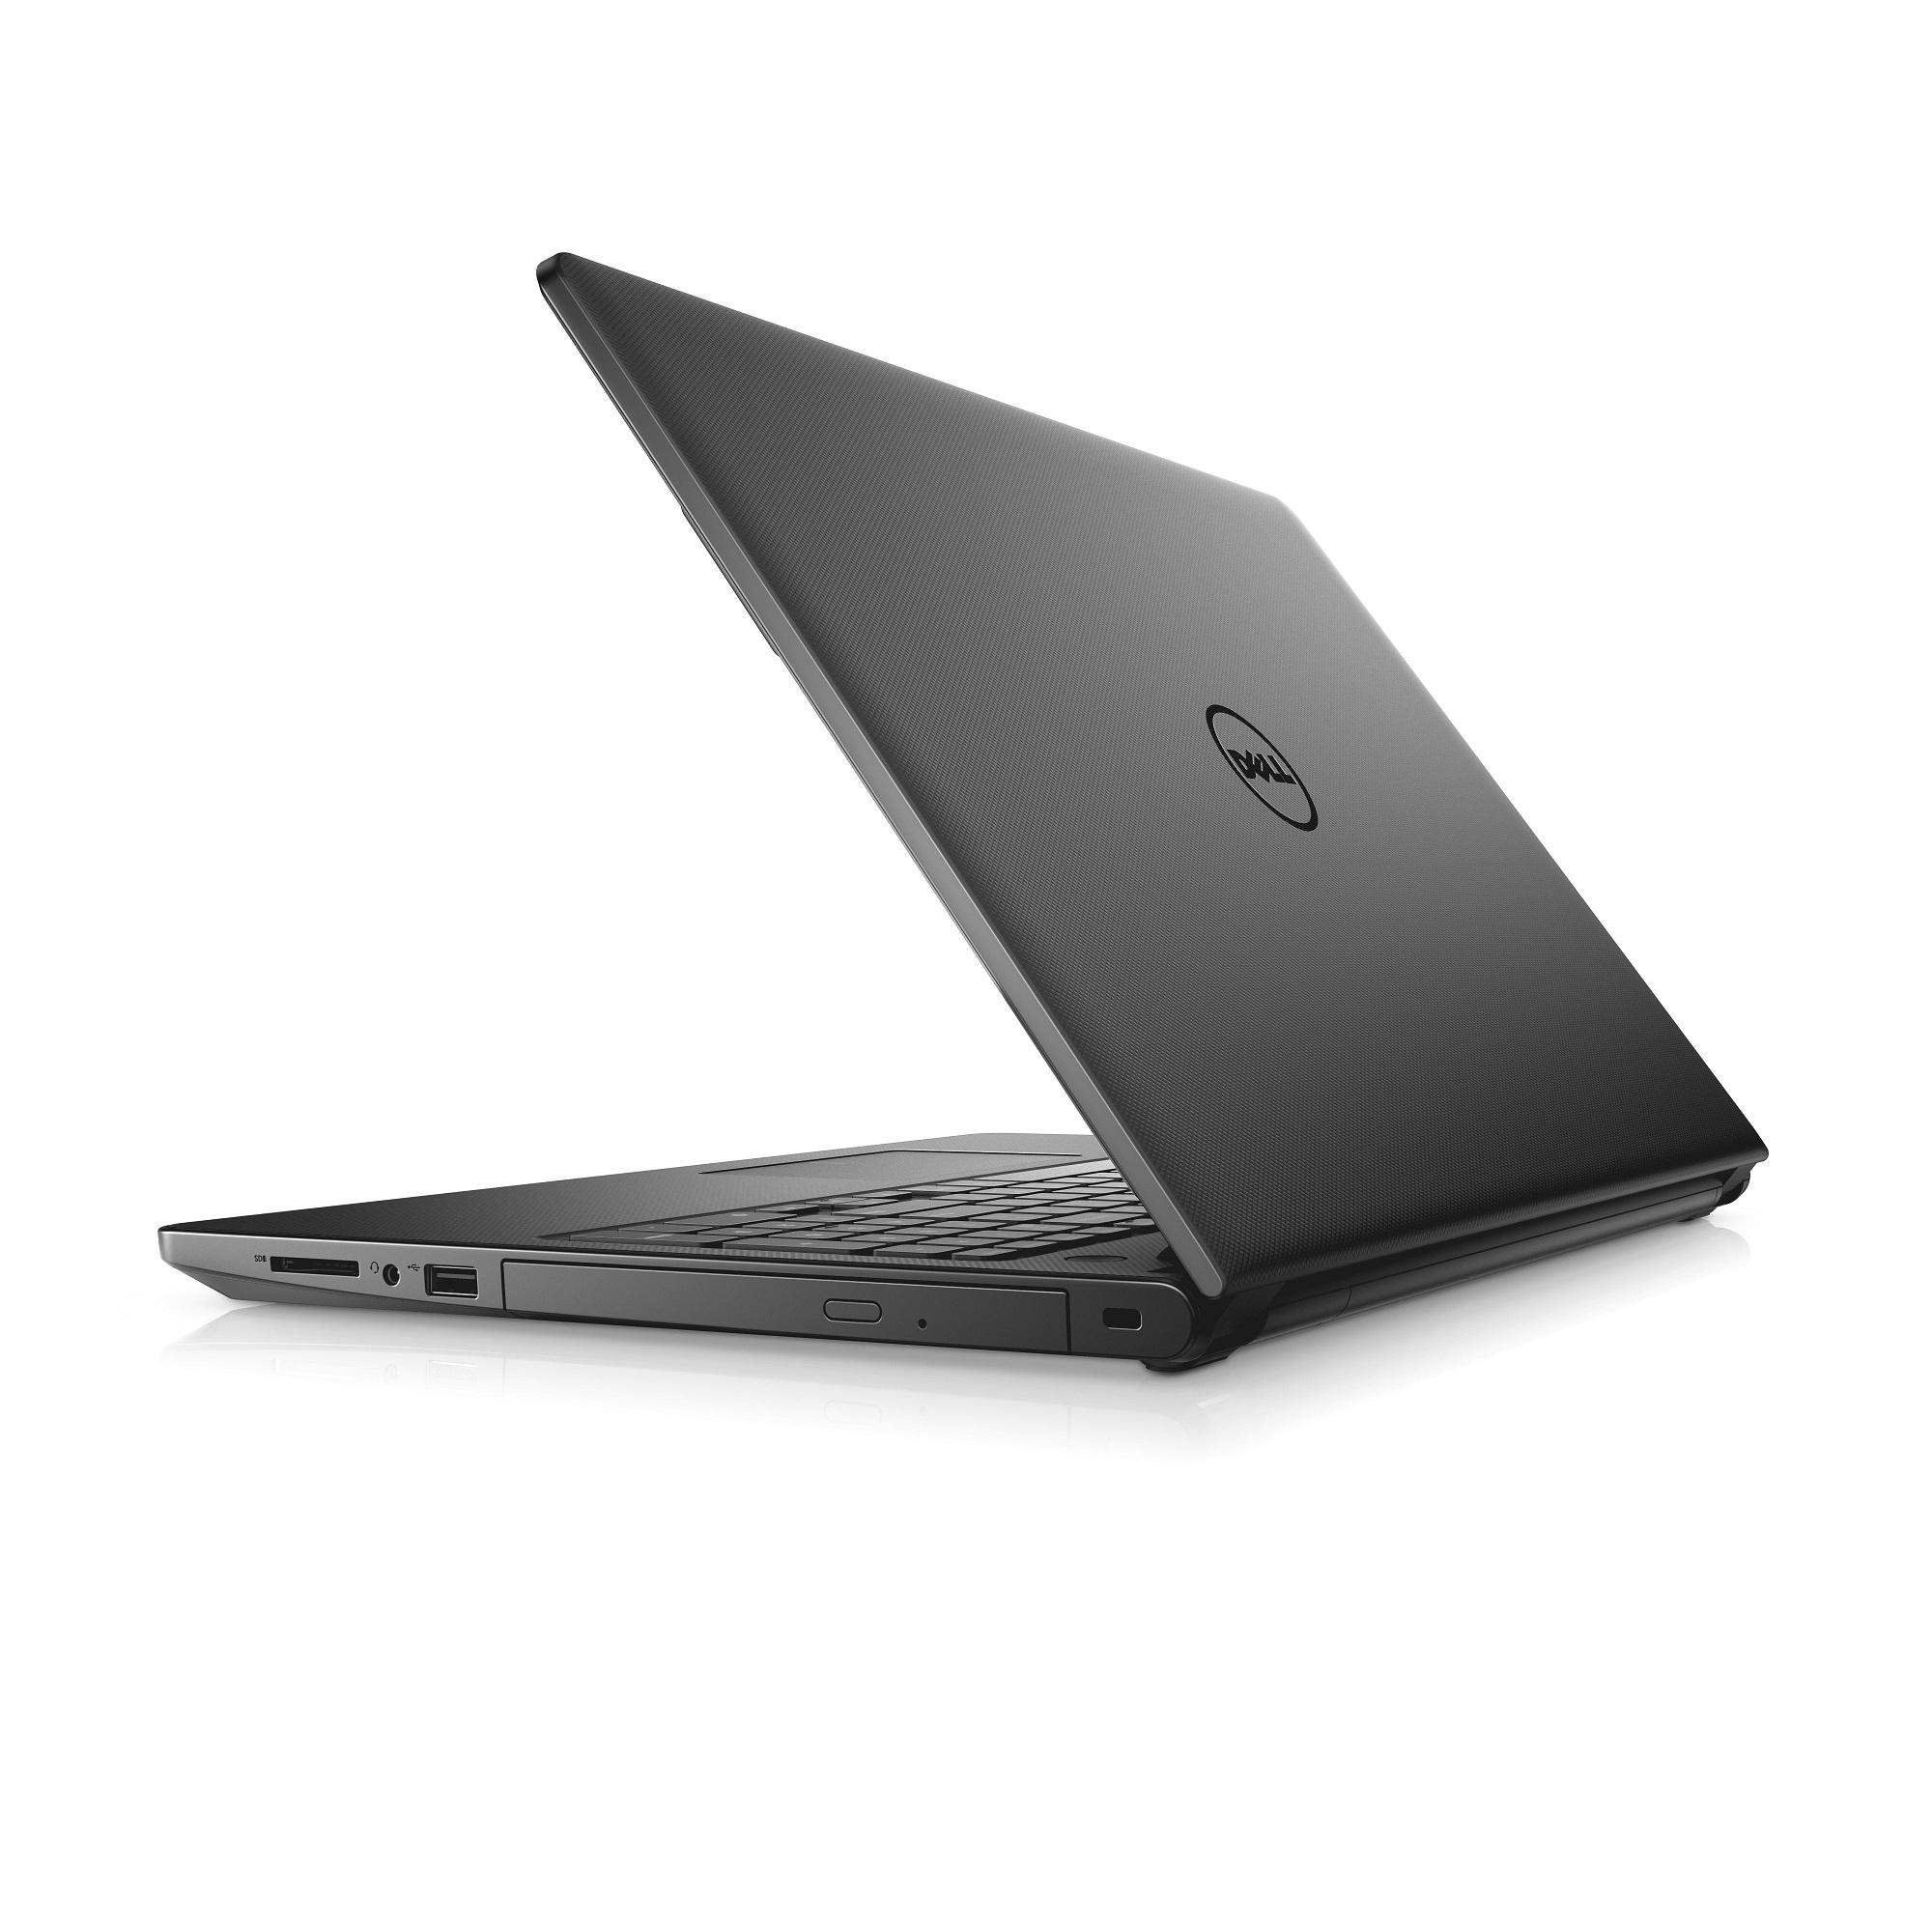 Dell Inspiron 3576 15 FHD i5-8250U/4GB/1TB/520-2GB/MCR/HDMI/DVD/W10/2RNBD/Černý